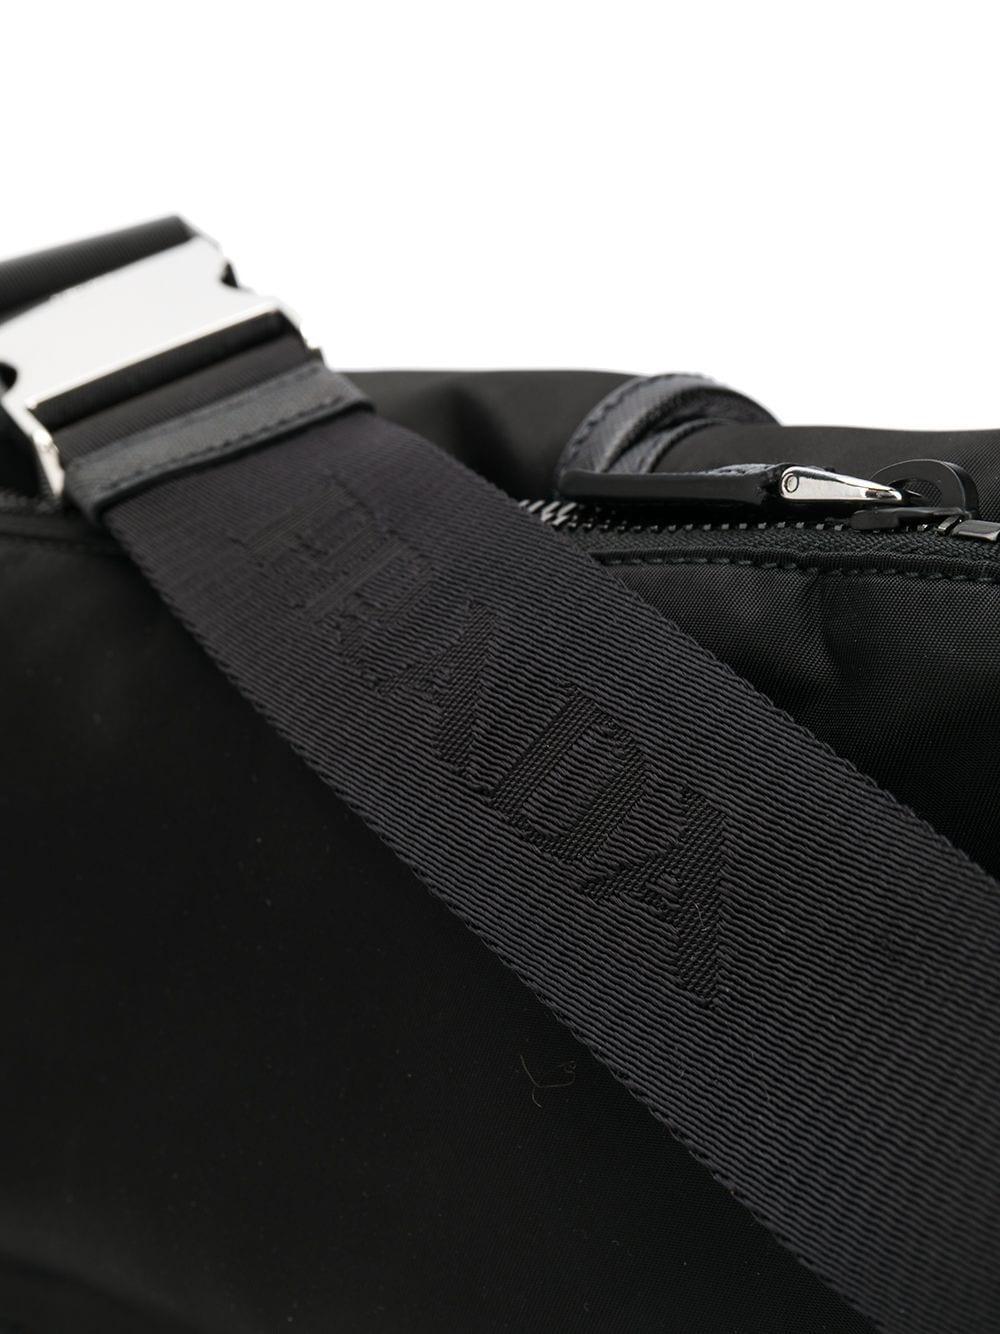 Sac banane à poches multiples Synthétique Prada pour homme en coloris Noir